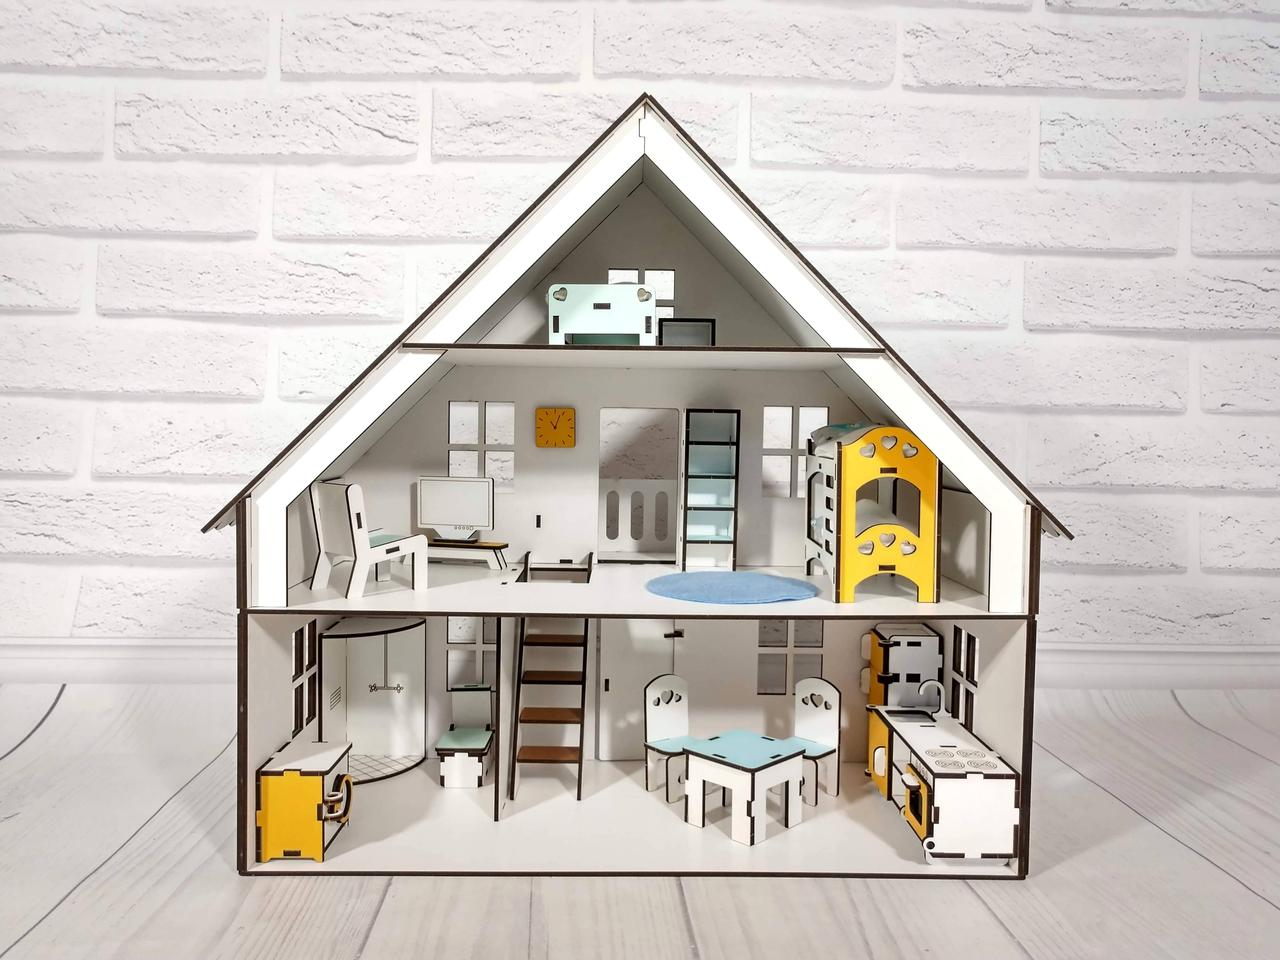 Баварский домик для кукол с мебелью и текстилем